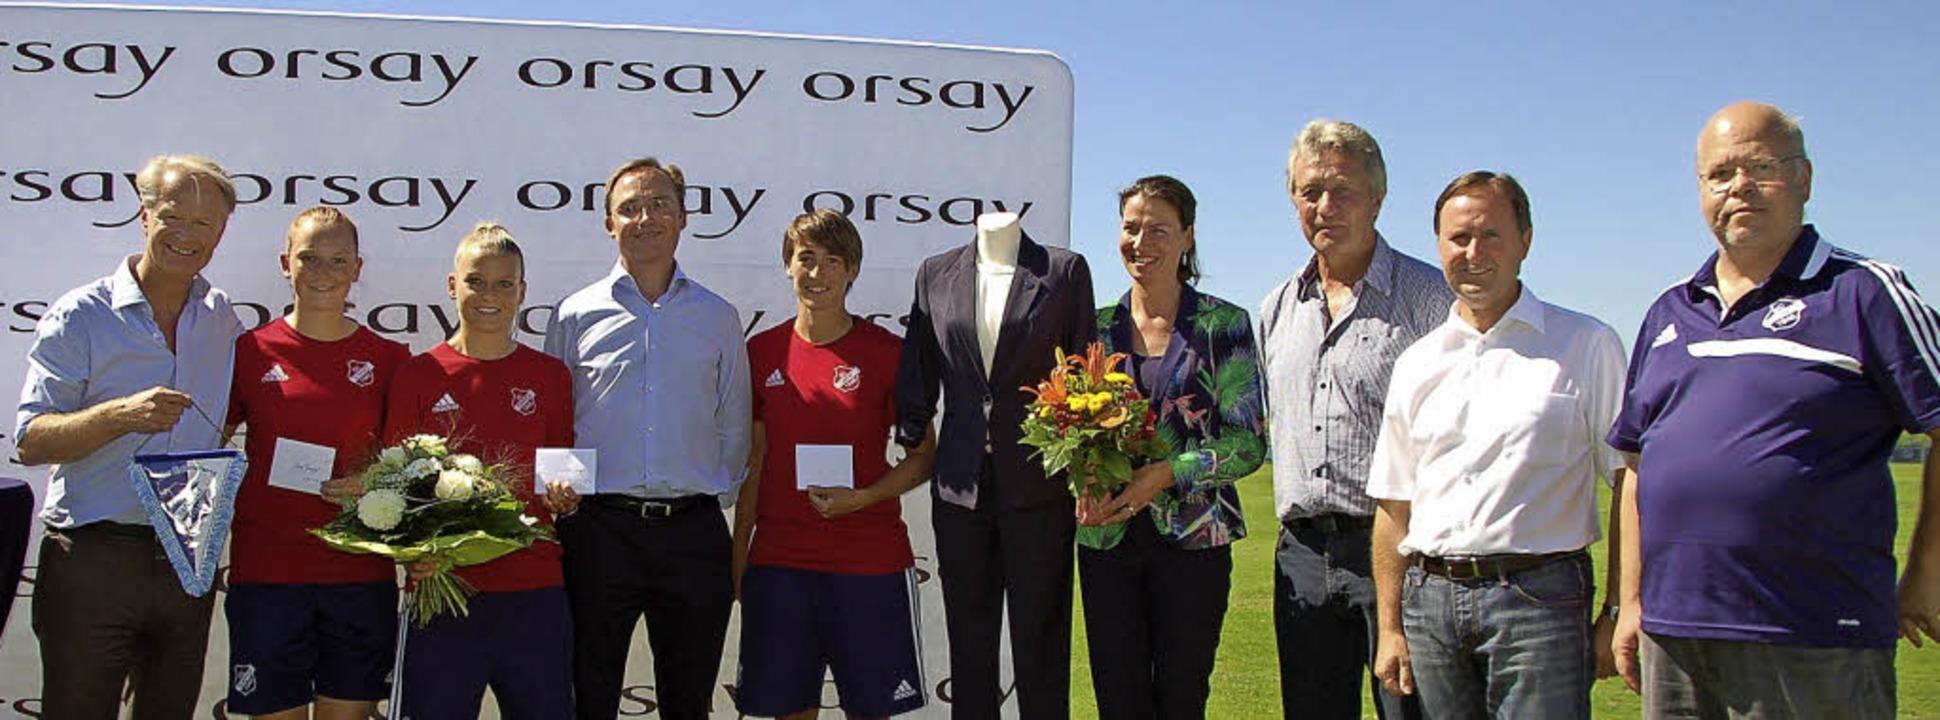 Orsay-Chef Matthias Klein (links) und ...echts) besiegelten die Partnerschaft.   | Foto: Hubert Röderer